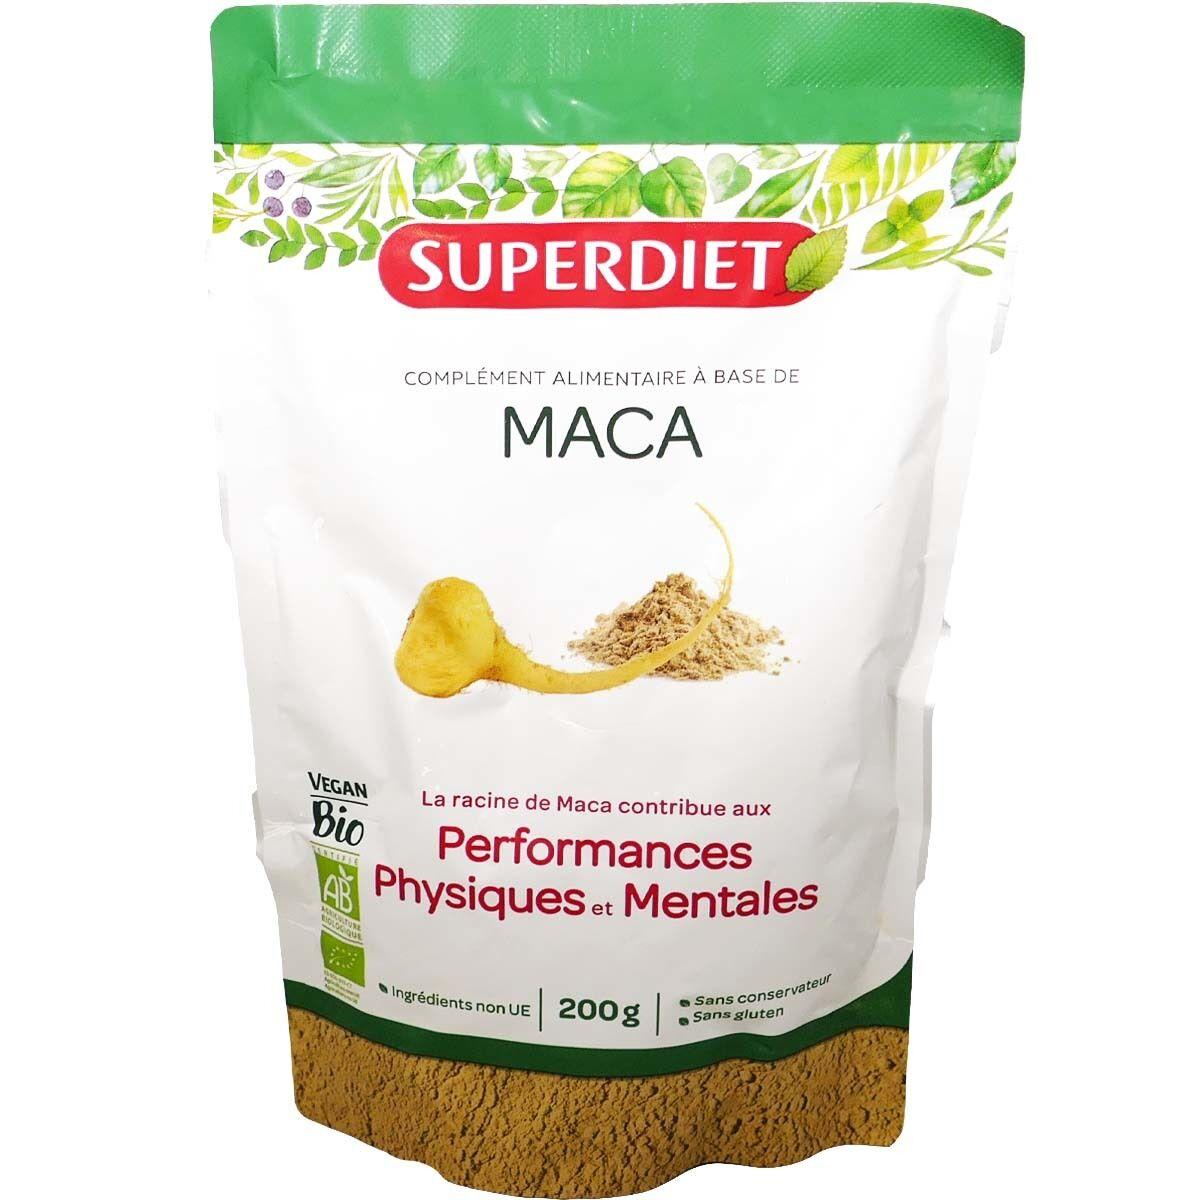 SUPER DIET Superdiet maca performances physiques & mentales 200 g bio